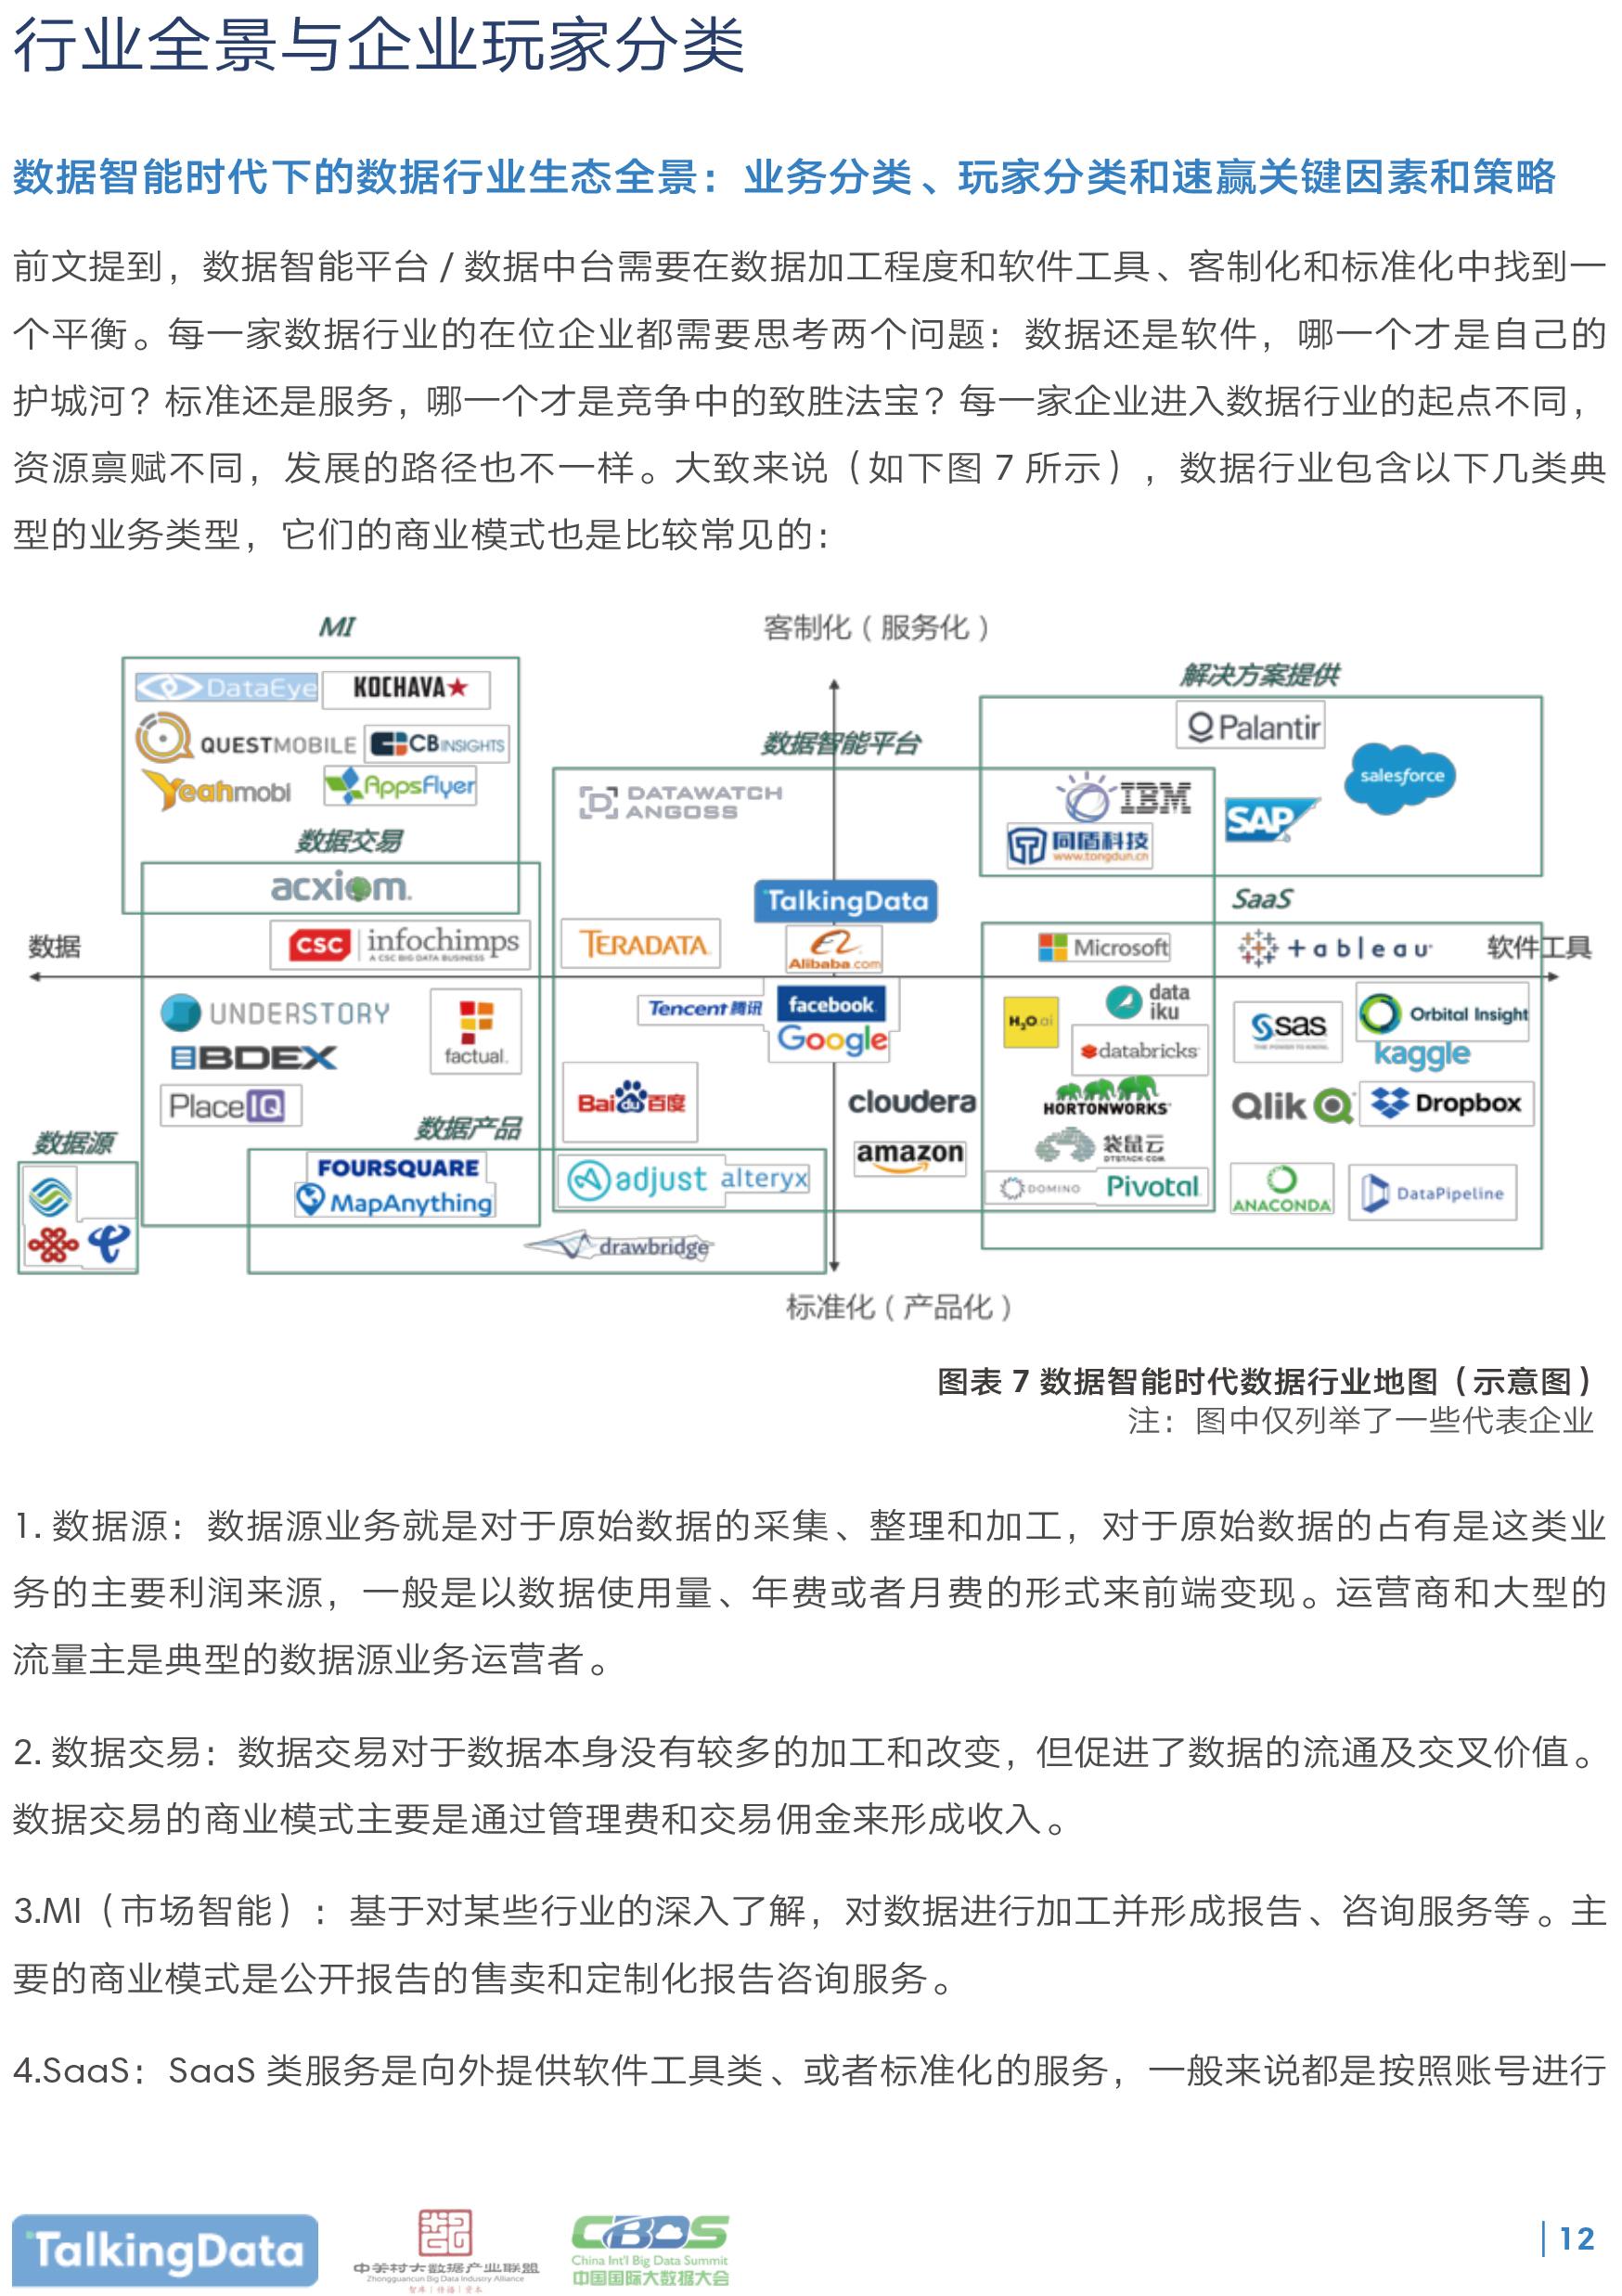 数据智能生态报告-13.jpg